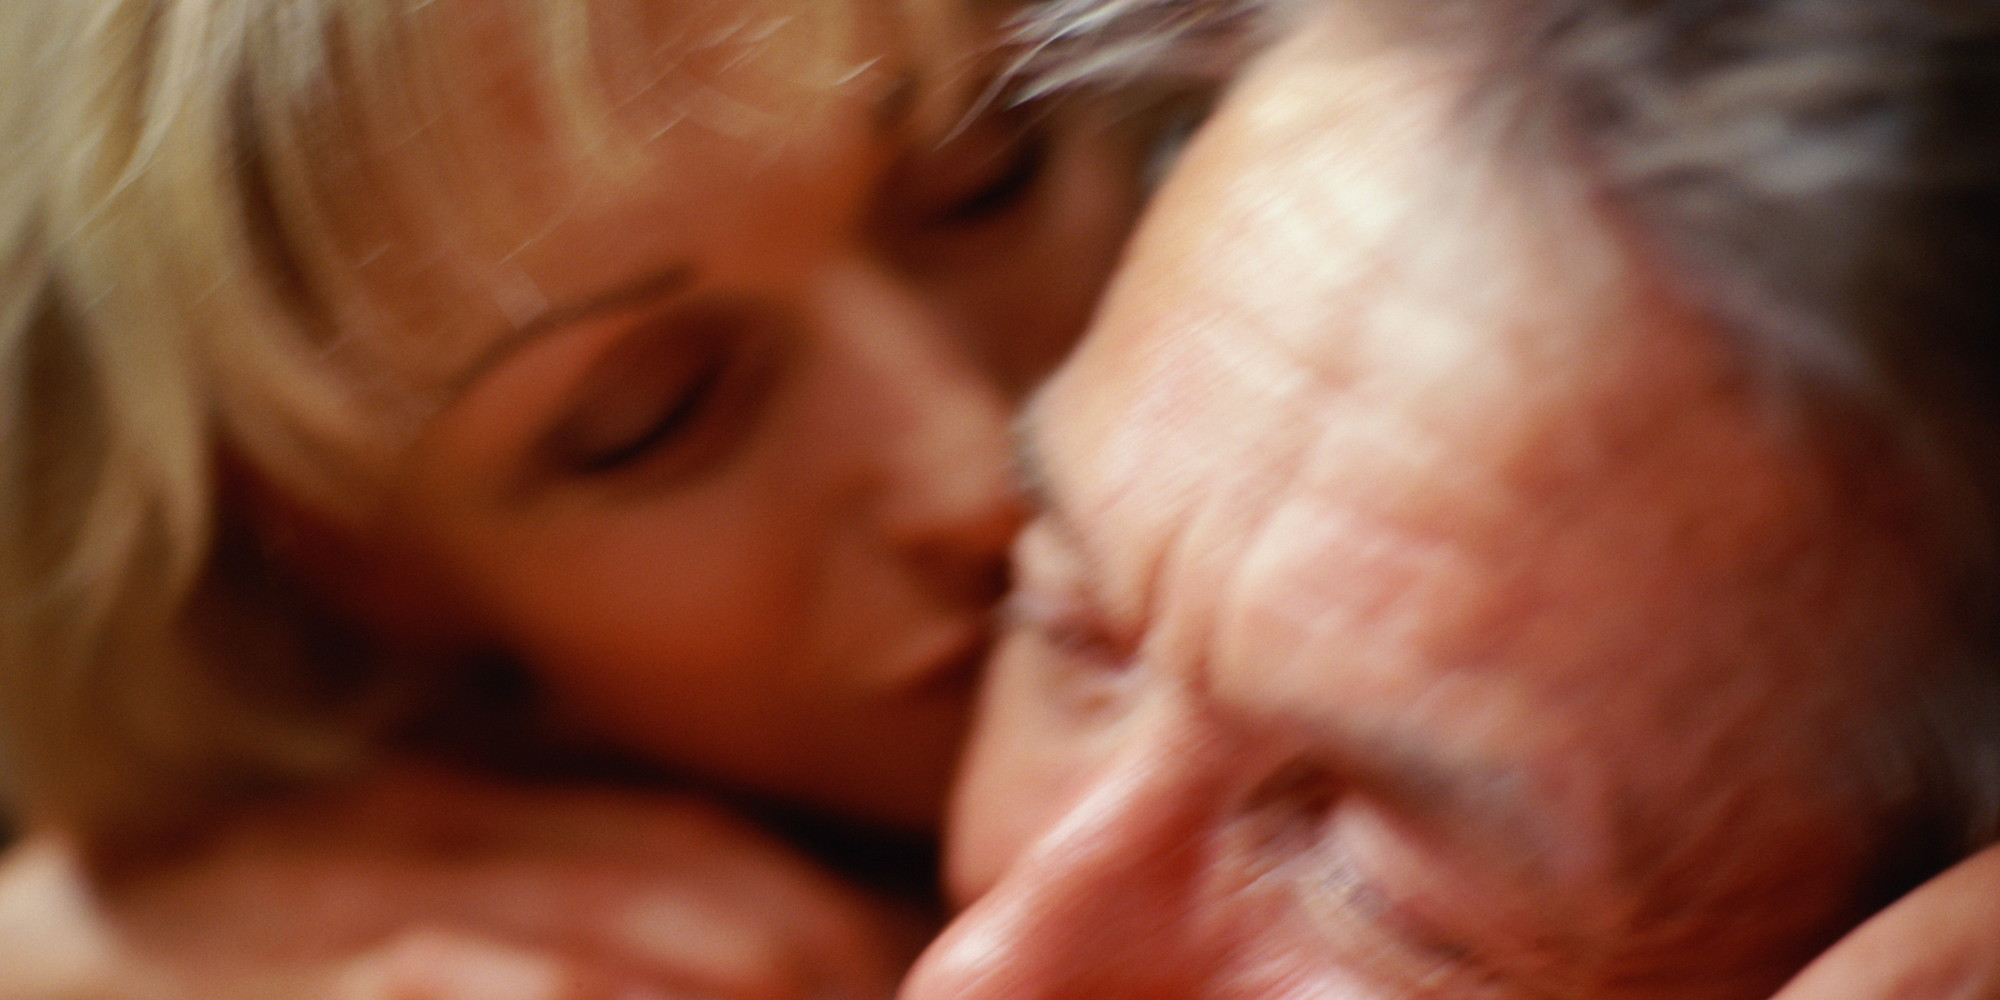 Amateur senior couples sex